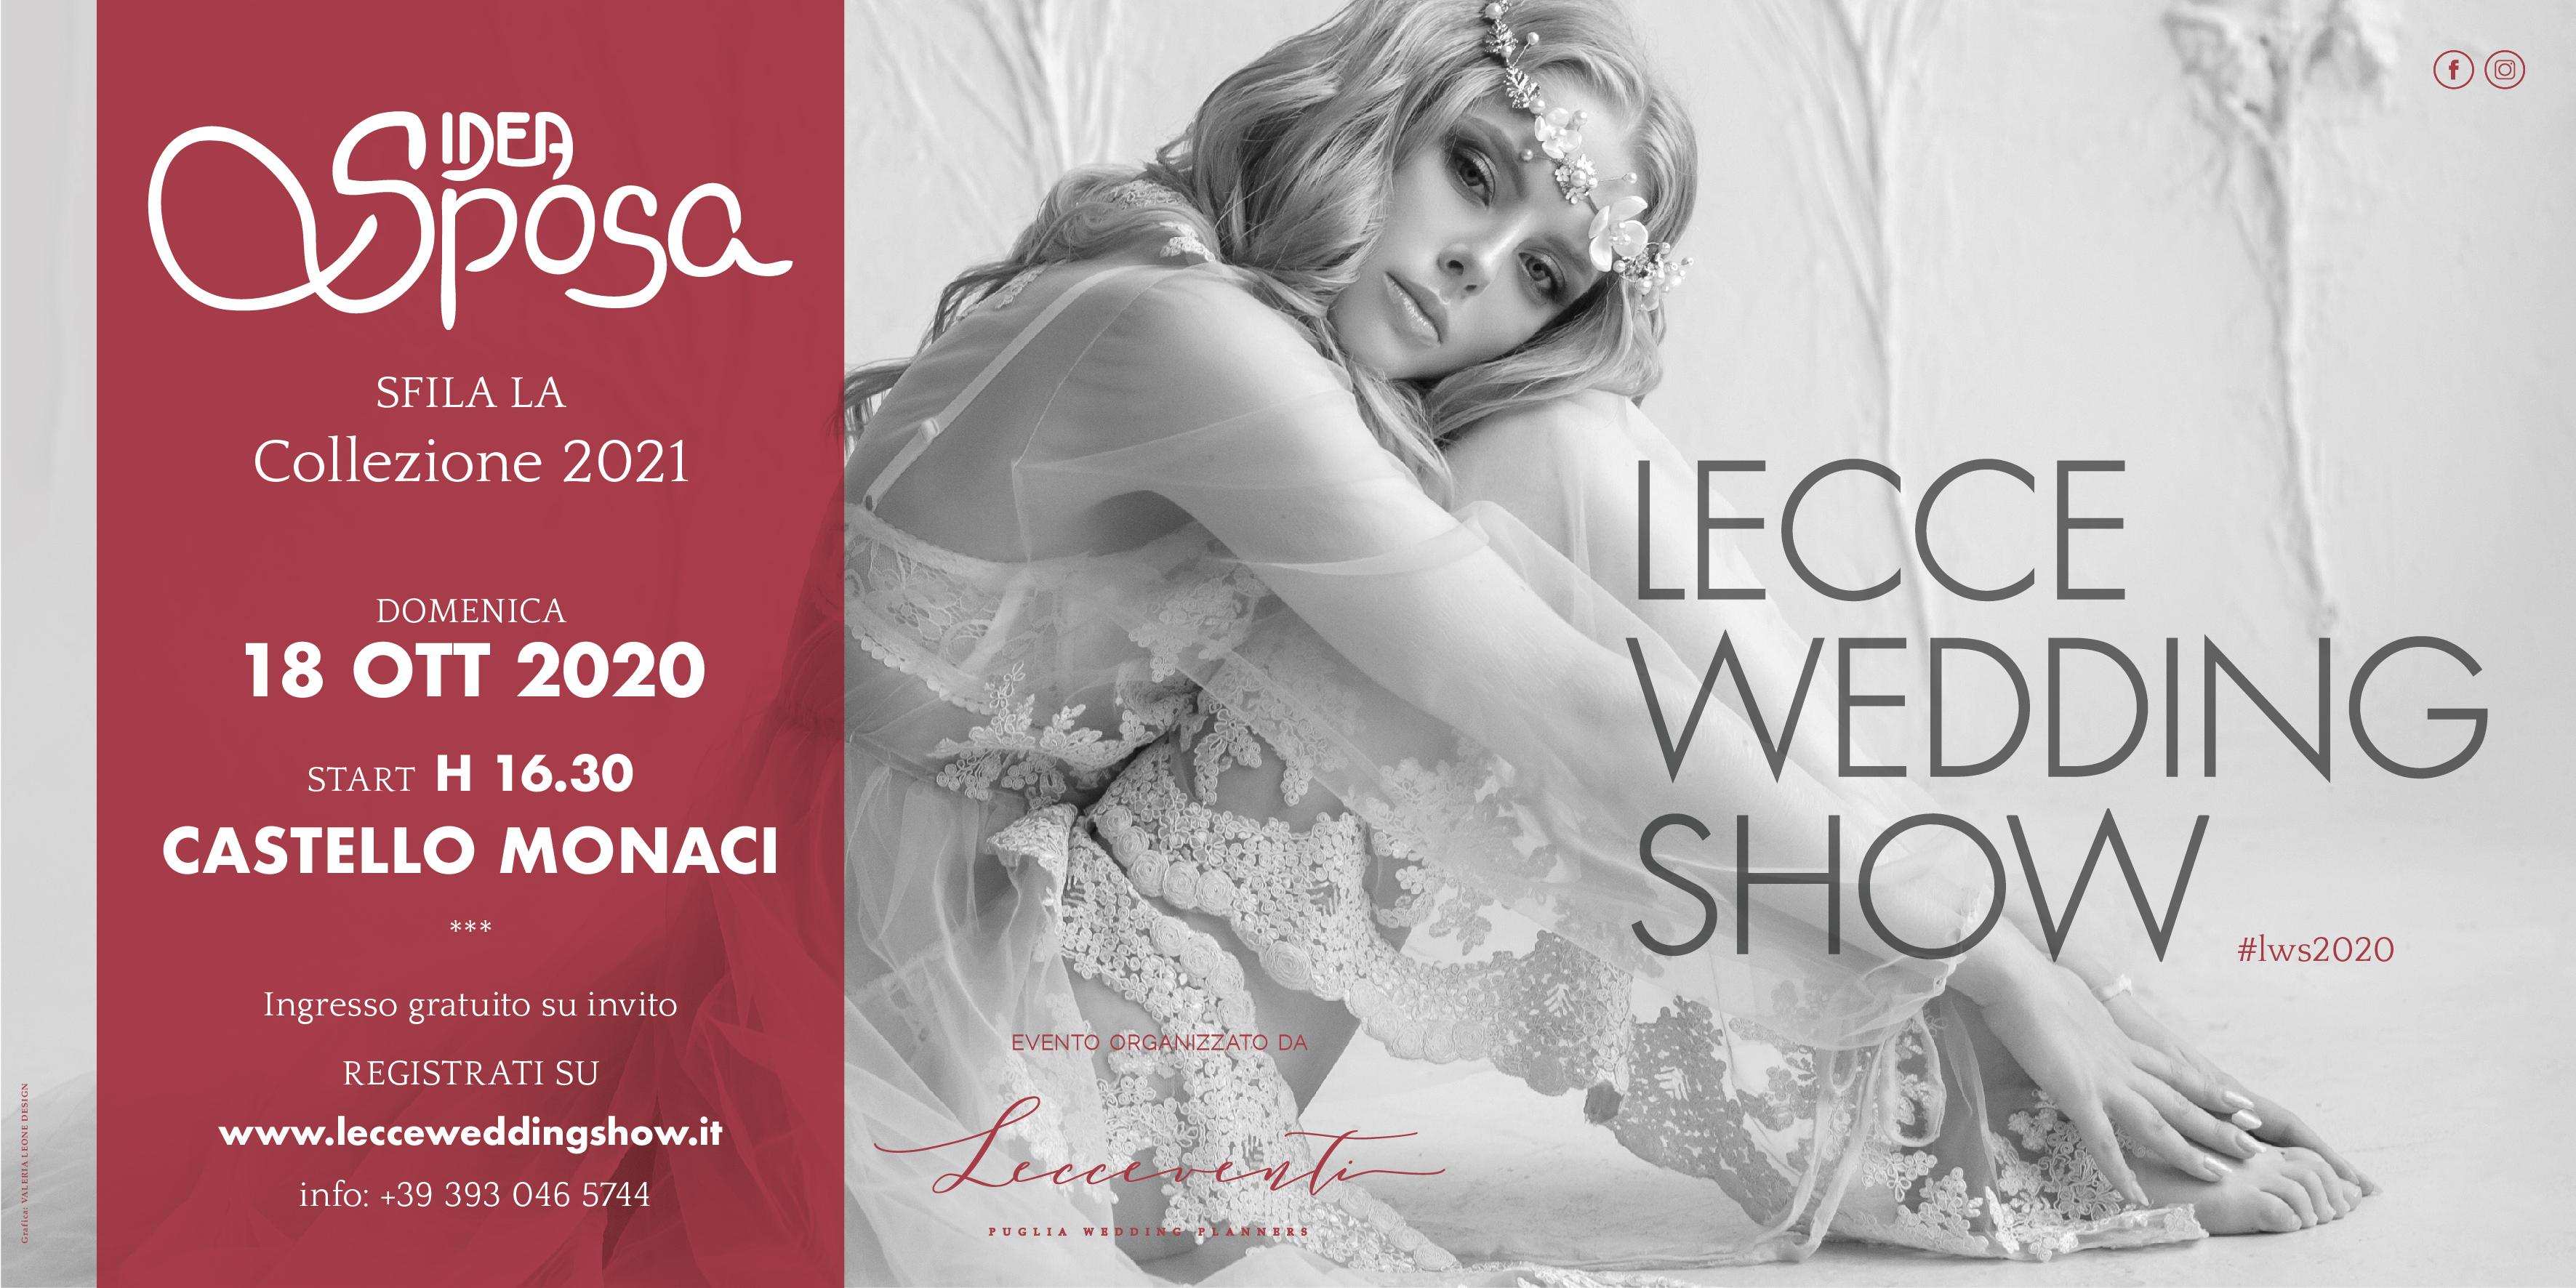 lecce-wedding-show-castello-monaci-San Pancrazio Salentino-18-10-2020